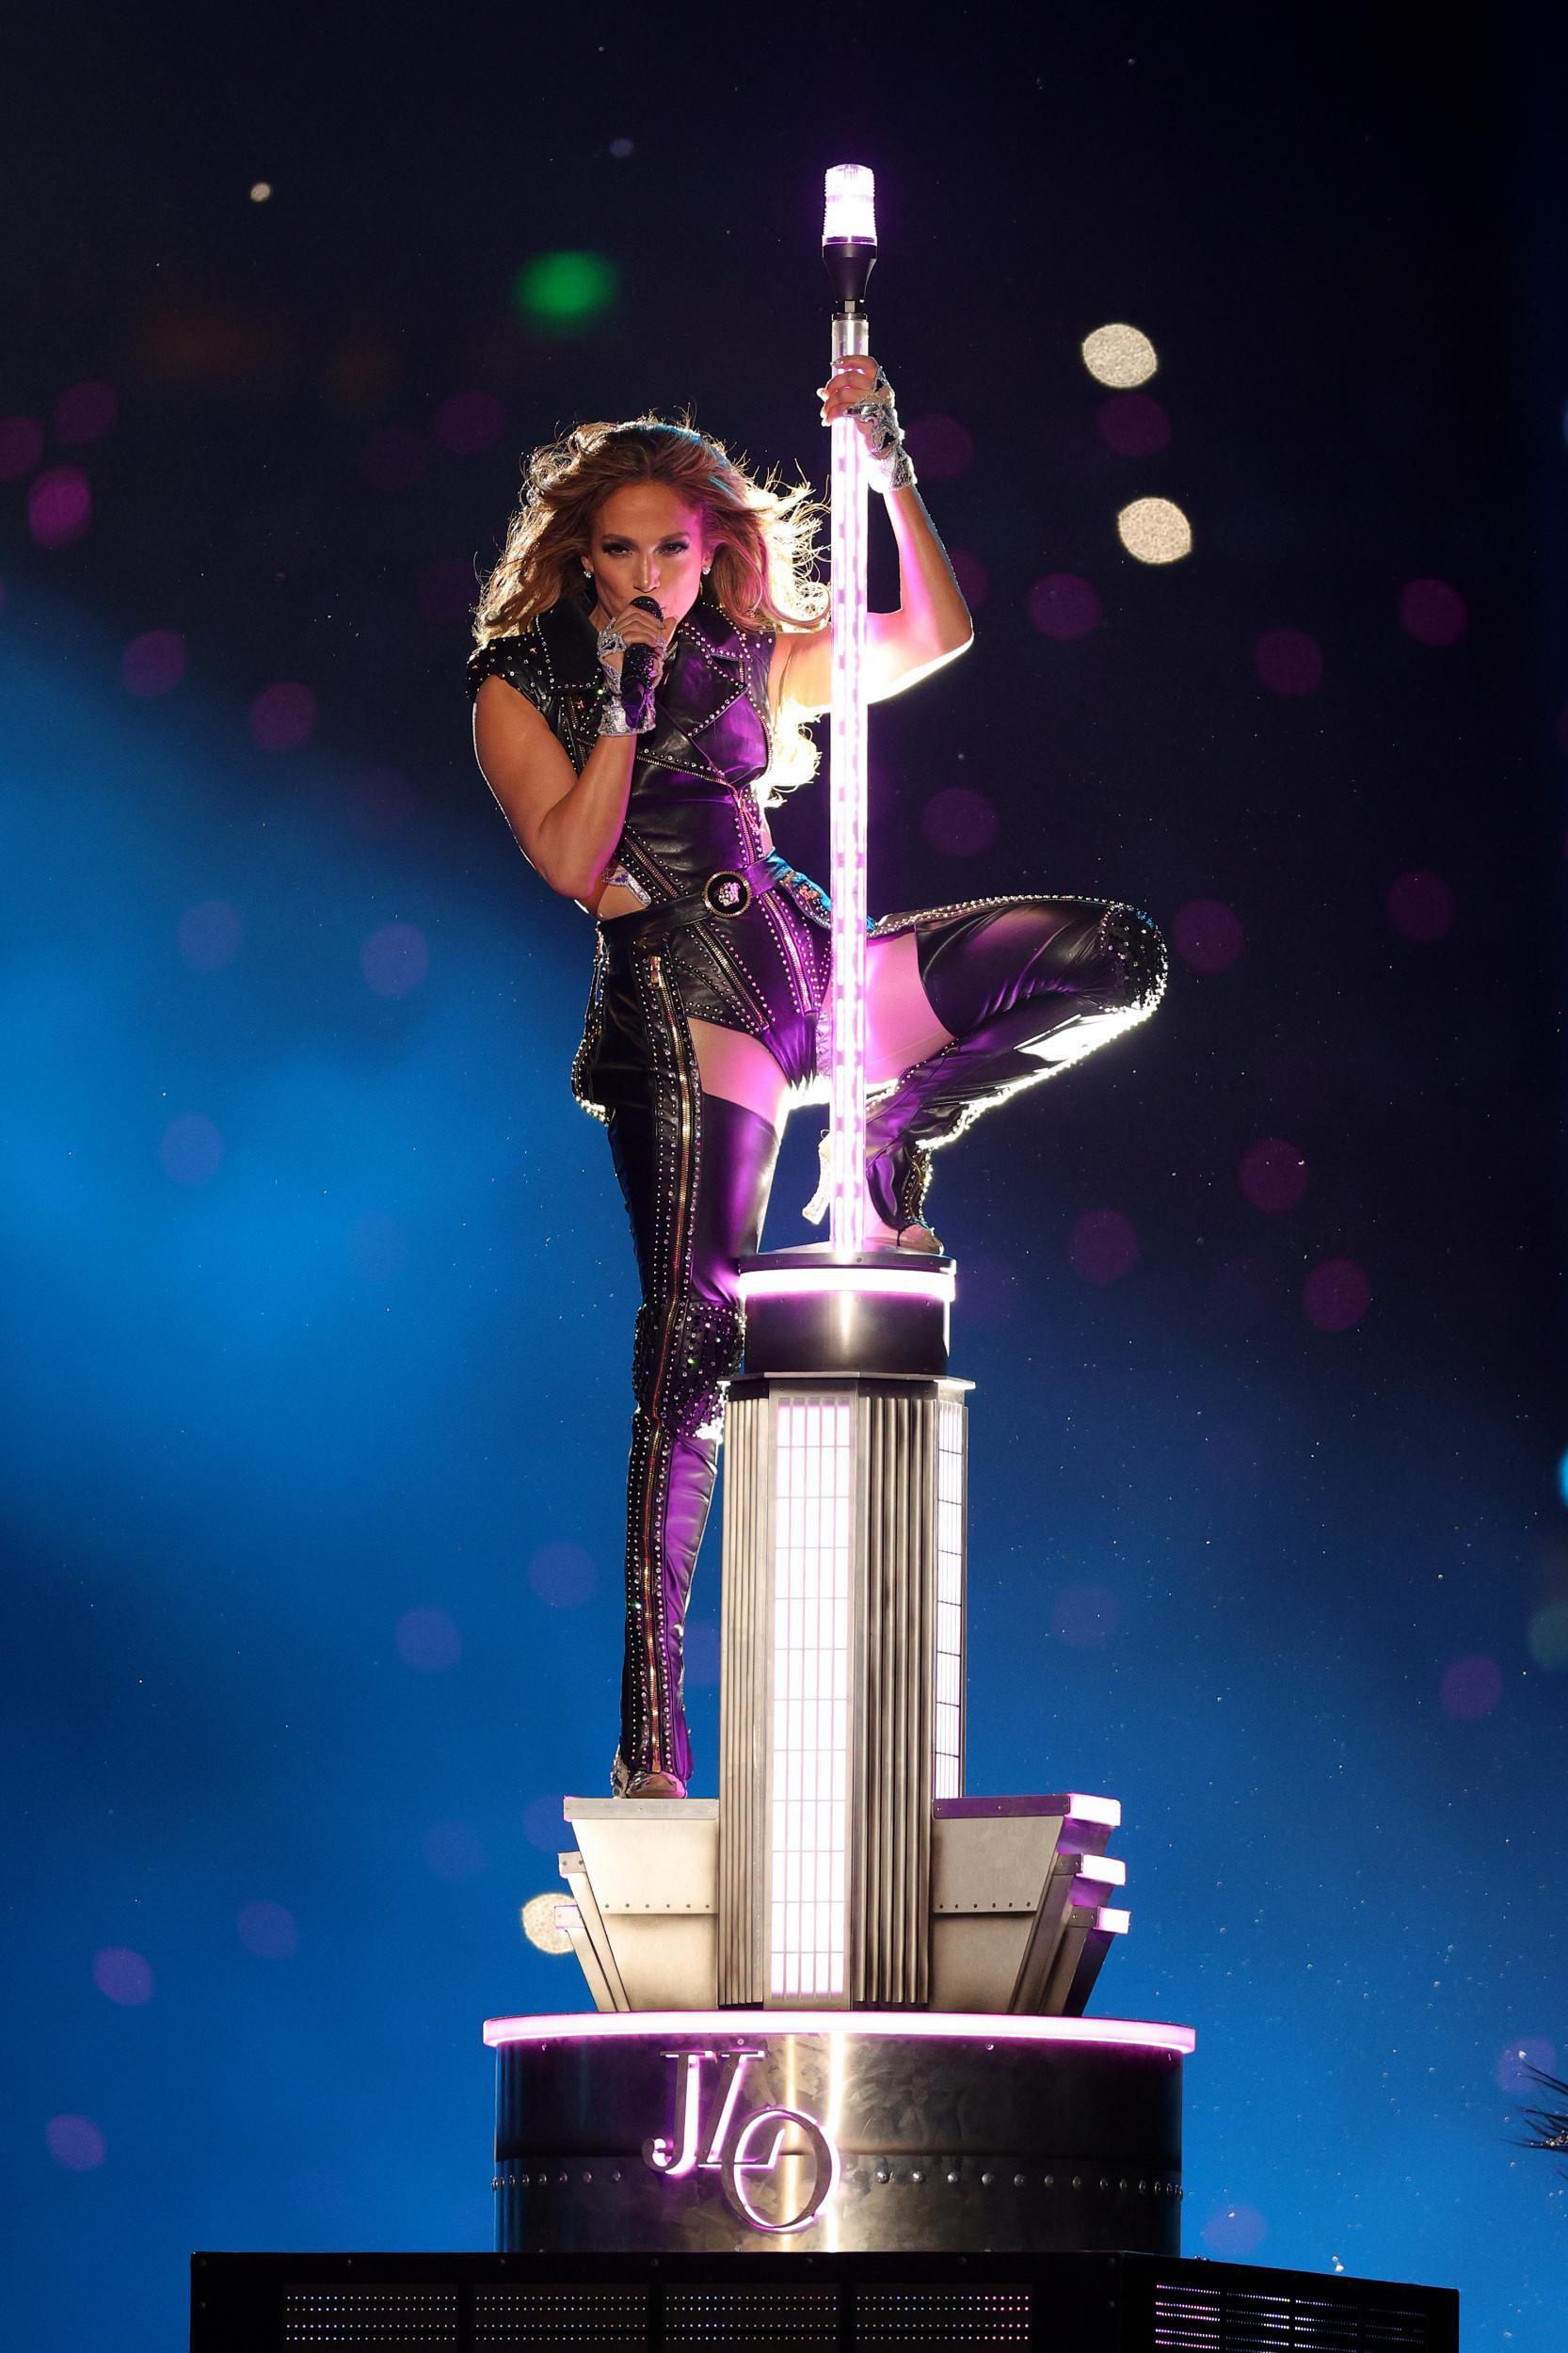 Jennifer Lopez thay đồ chỉ trong 8 giây, Shakira mặc váy đính 20.000 viên Swavroski tại Super Bowl Halftime Show 2020 - 2